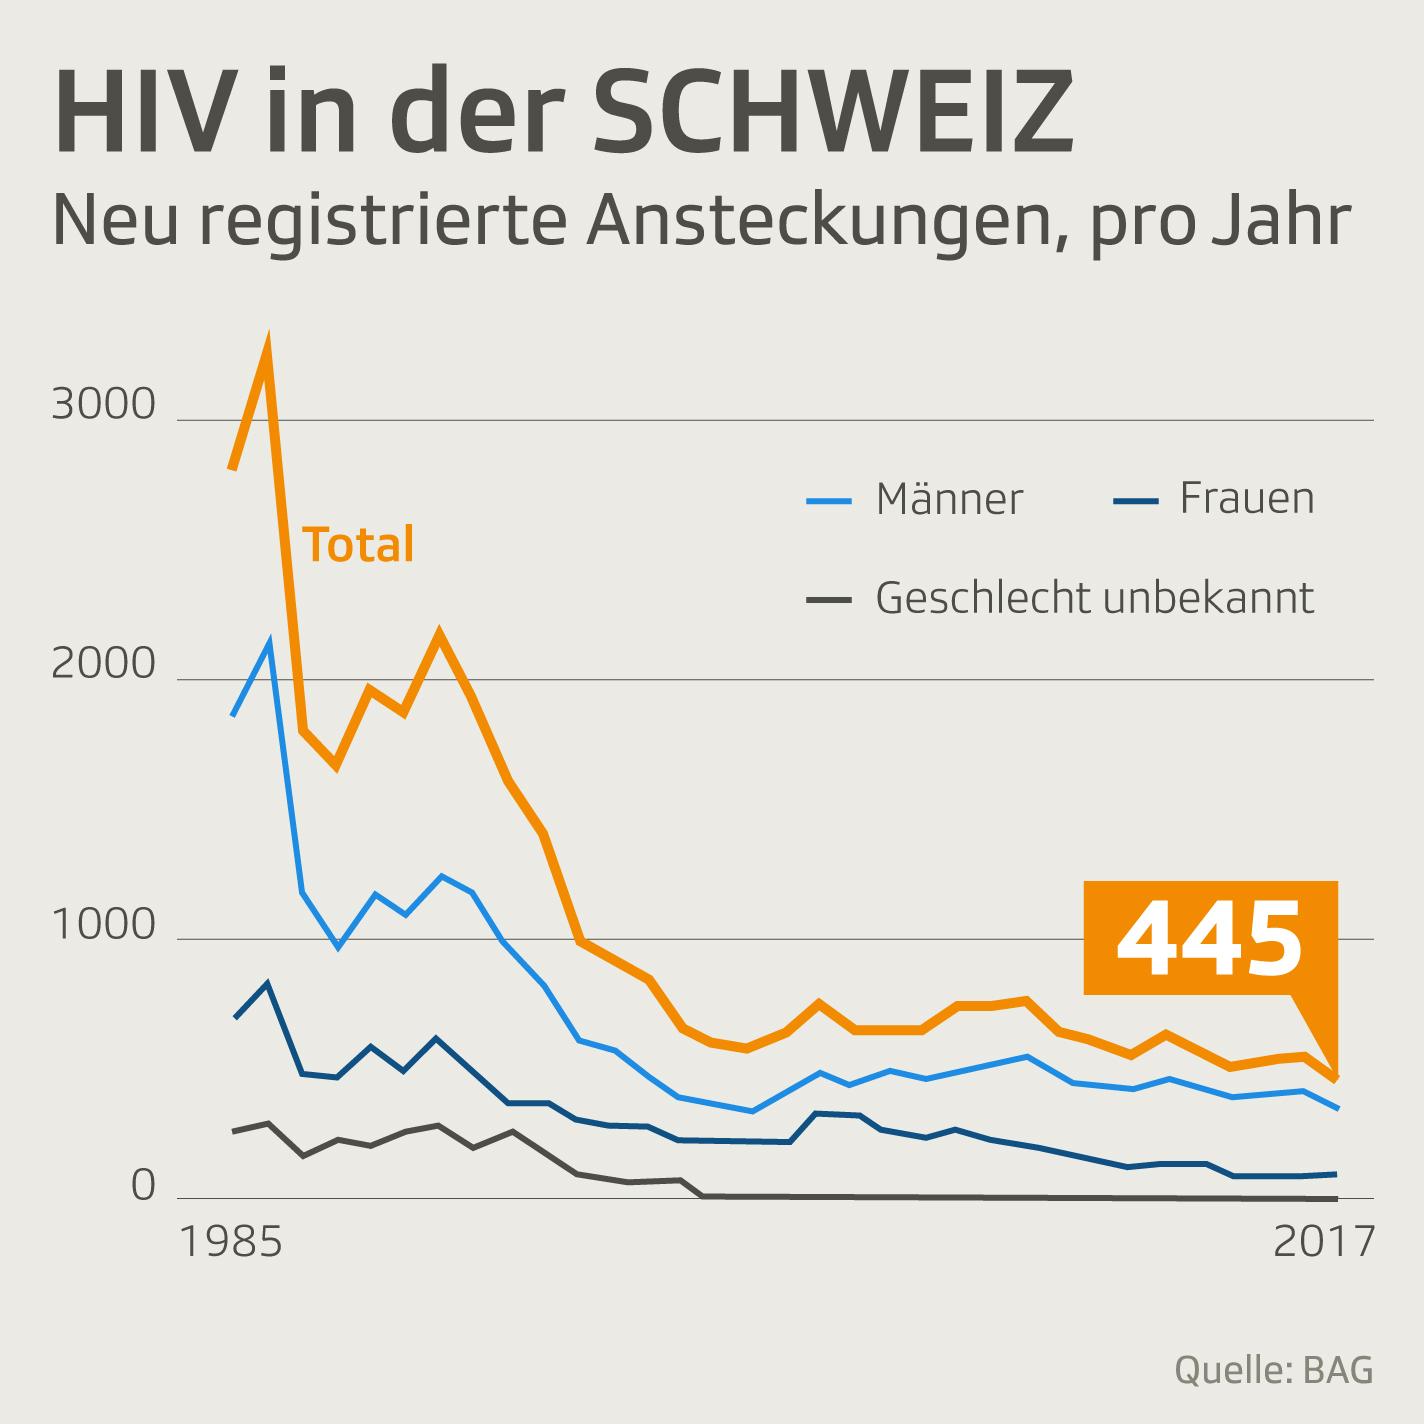 HIV neue Ansteckungen